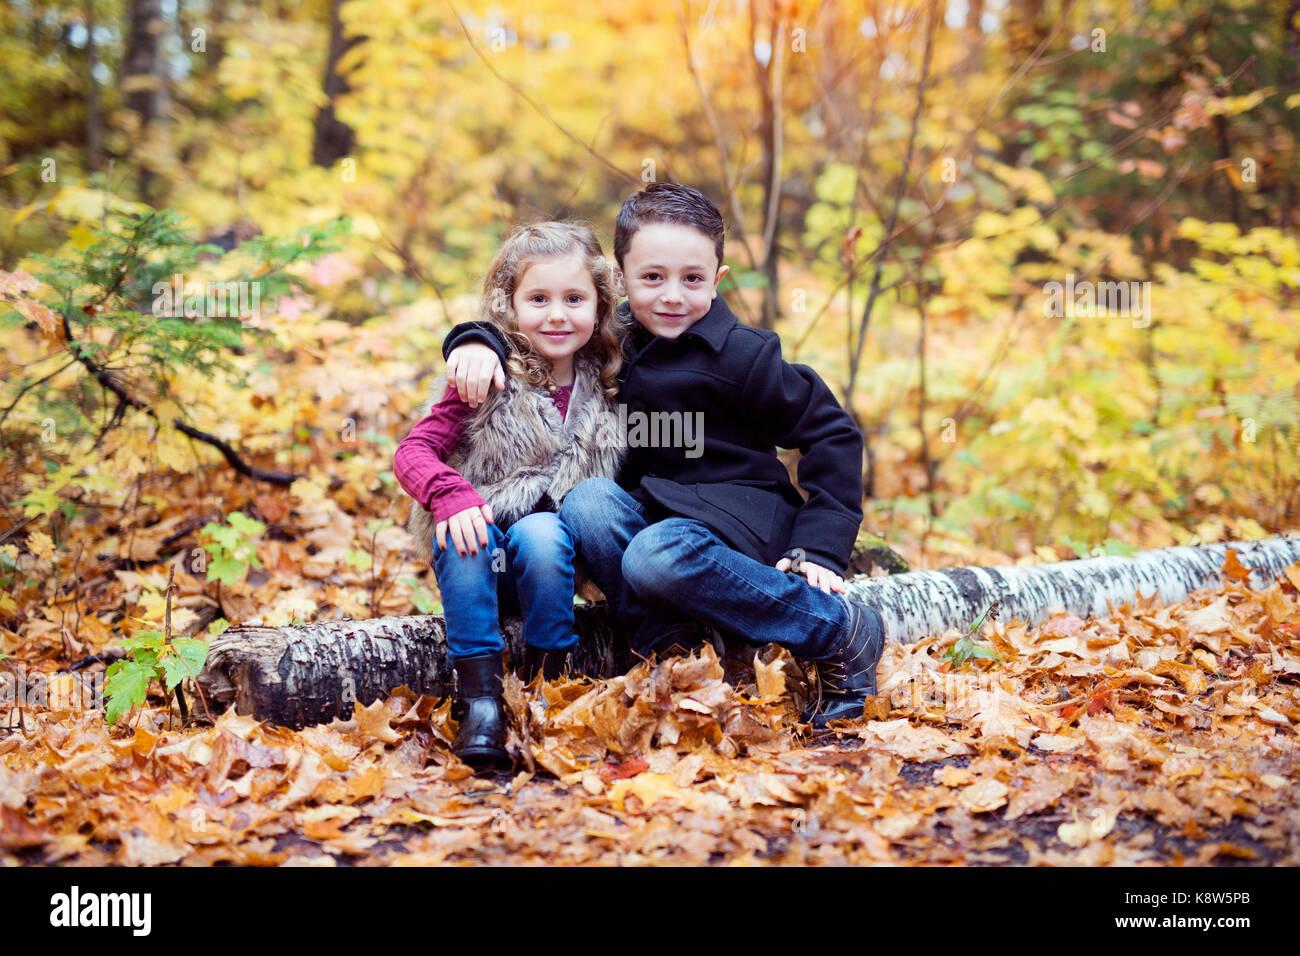 Niños jugando en un hermoso parque de otoño en frío soleado día de otoño. Imagen De Stock